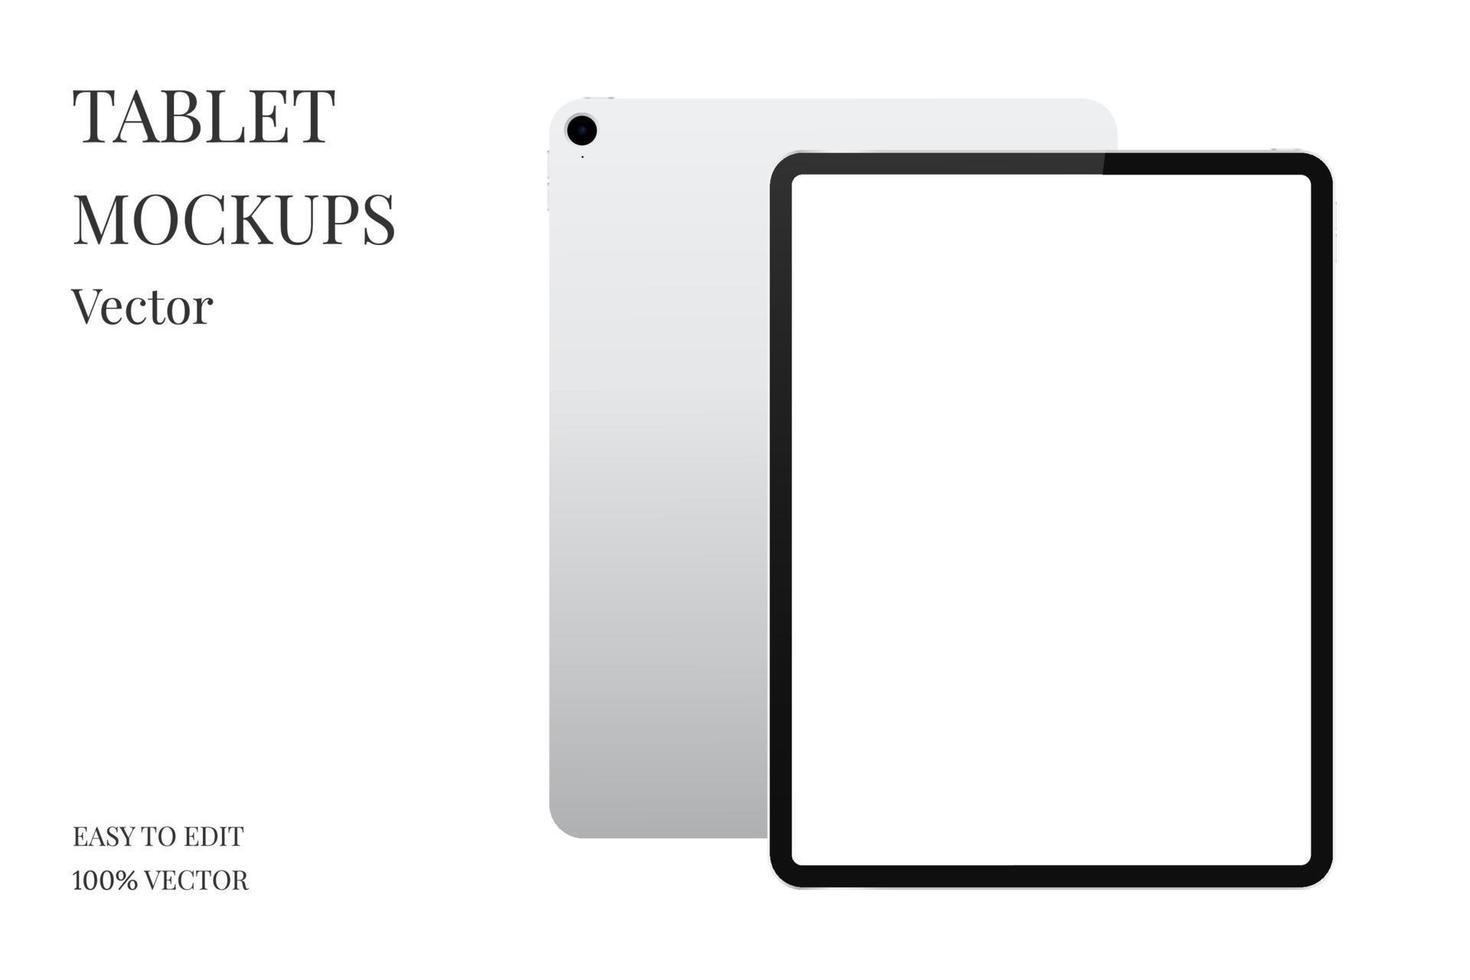 vettore di mockup di tablet. tablet moderno con schermo vuoto. computer tablet realistico isolato su sfondo bianco.